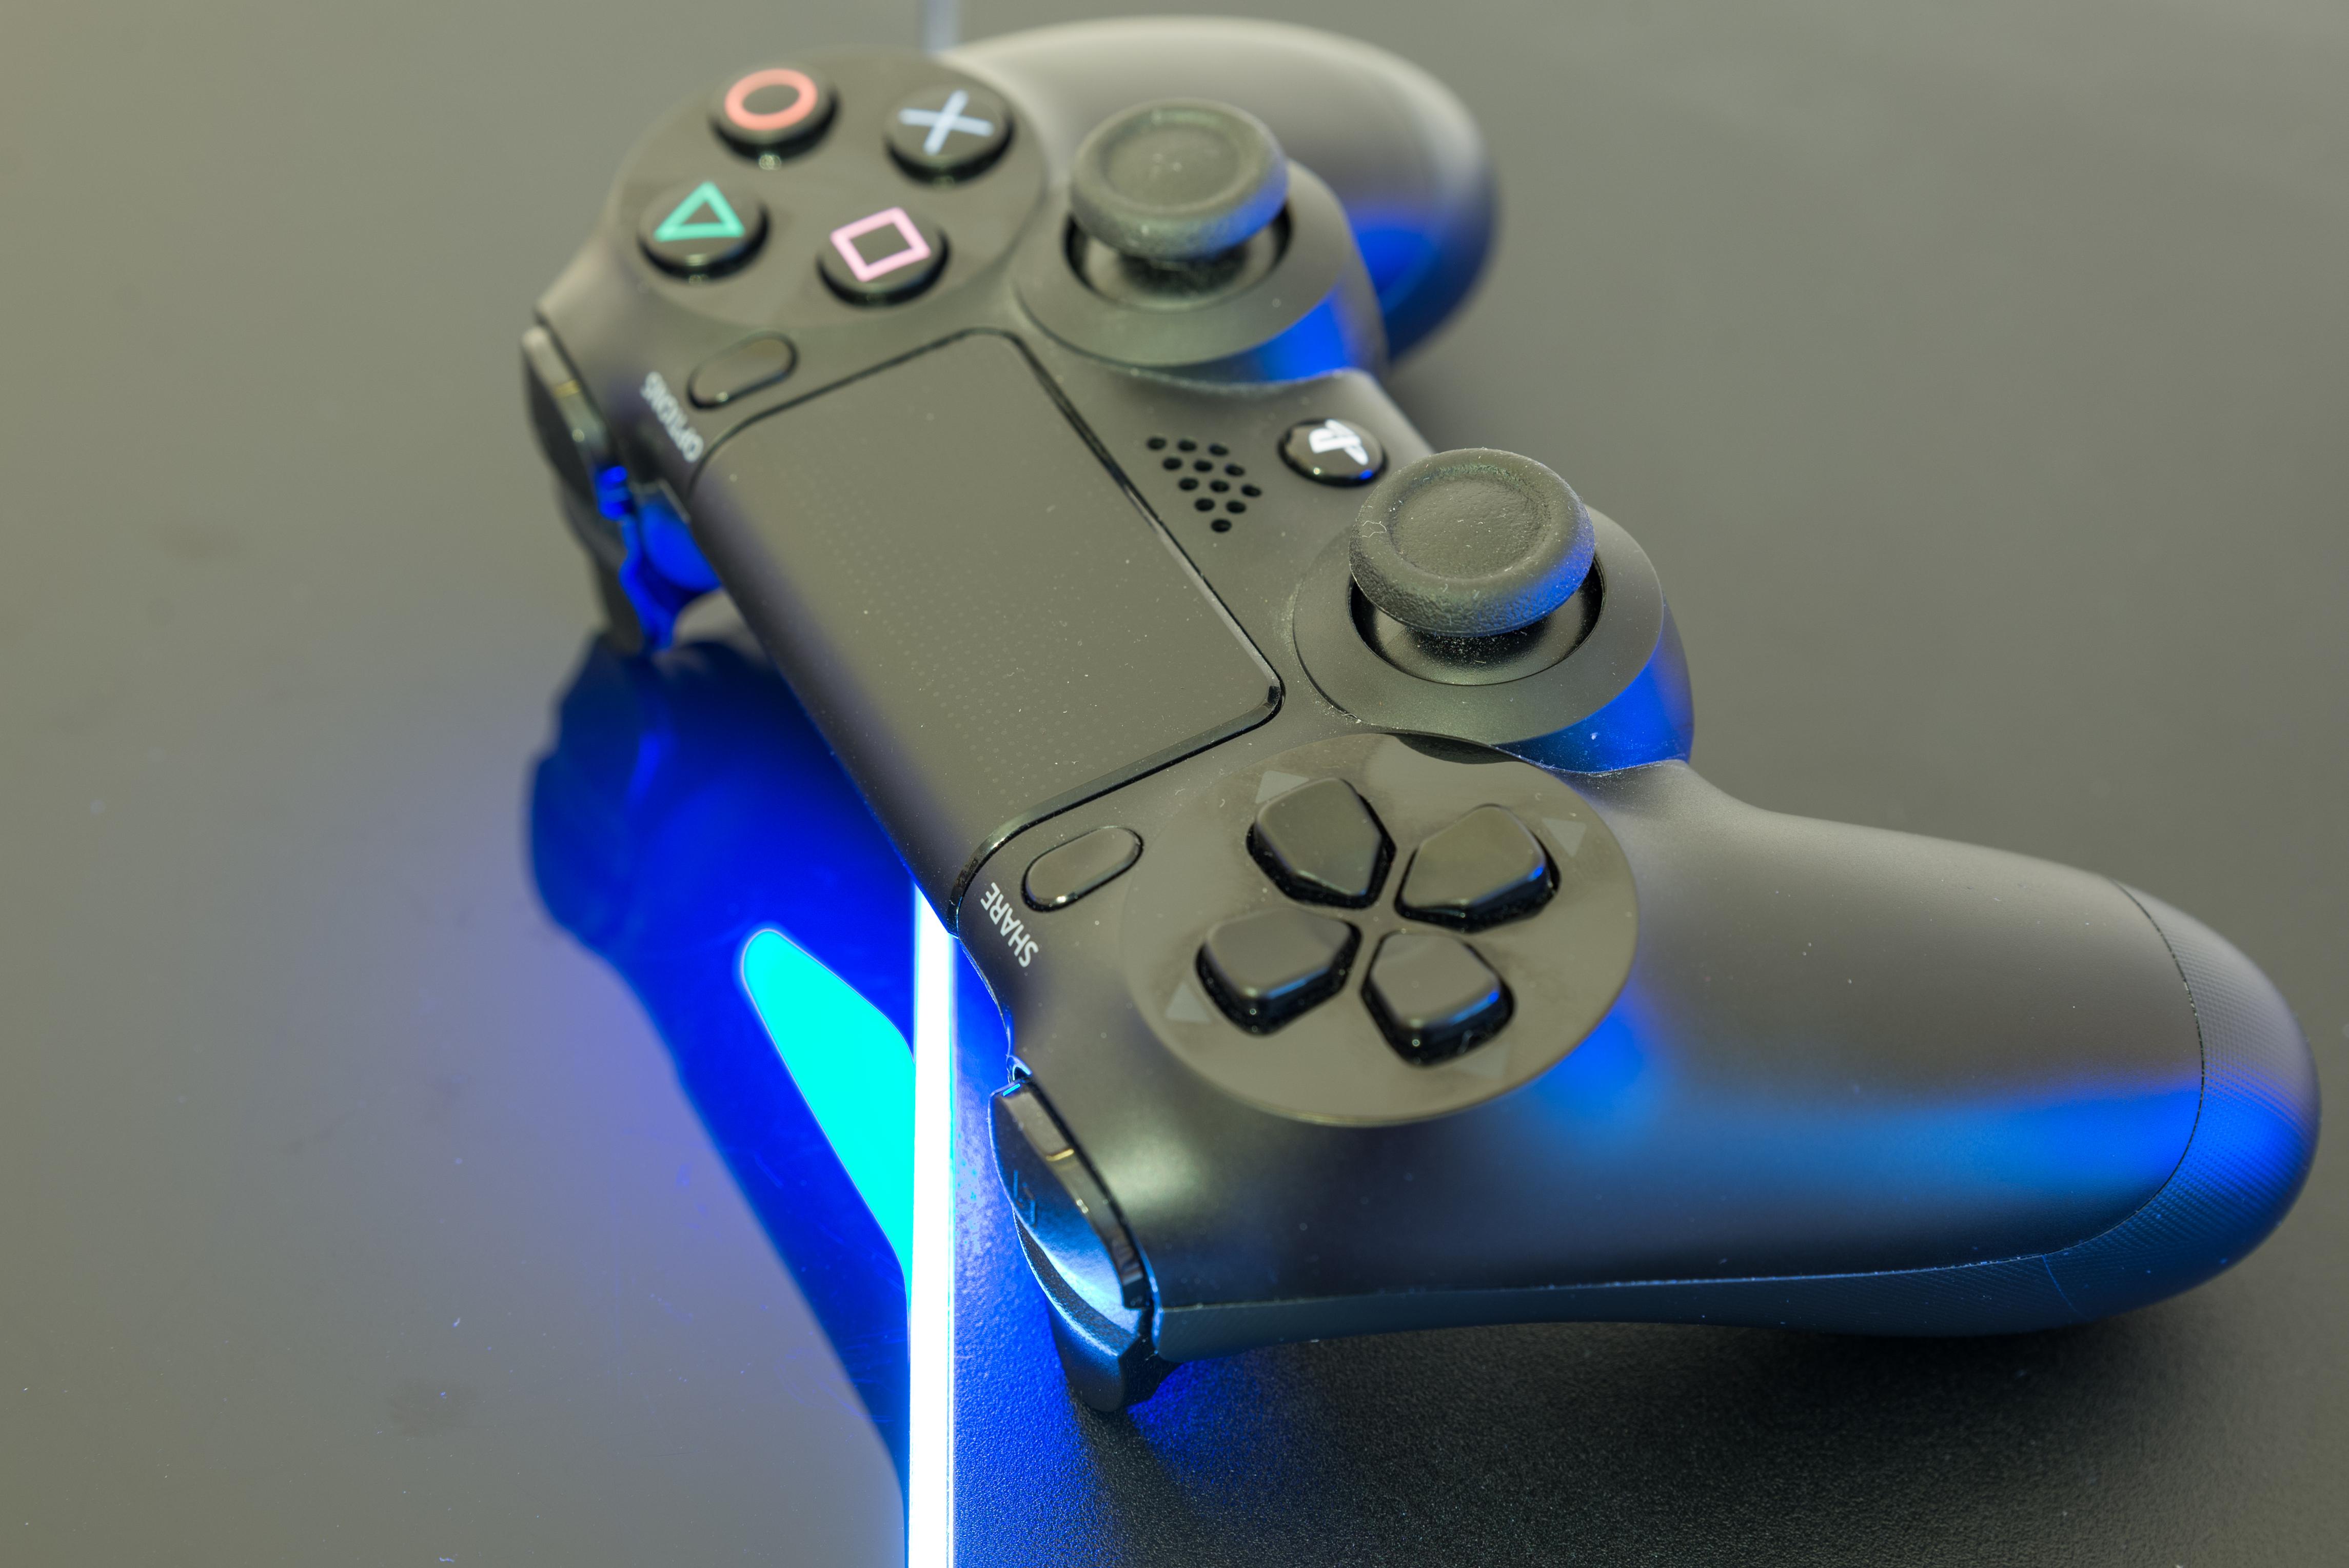 Nie hejtuj, tylko kibicuj Sony. 4 zalety debiutu PlayStation 4K